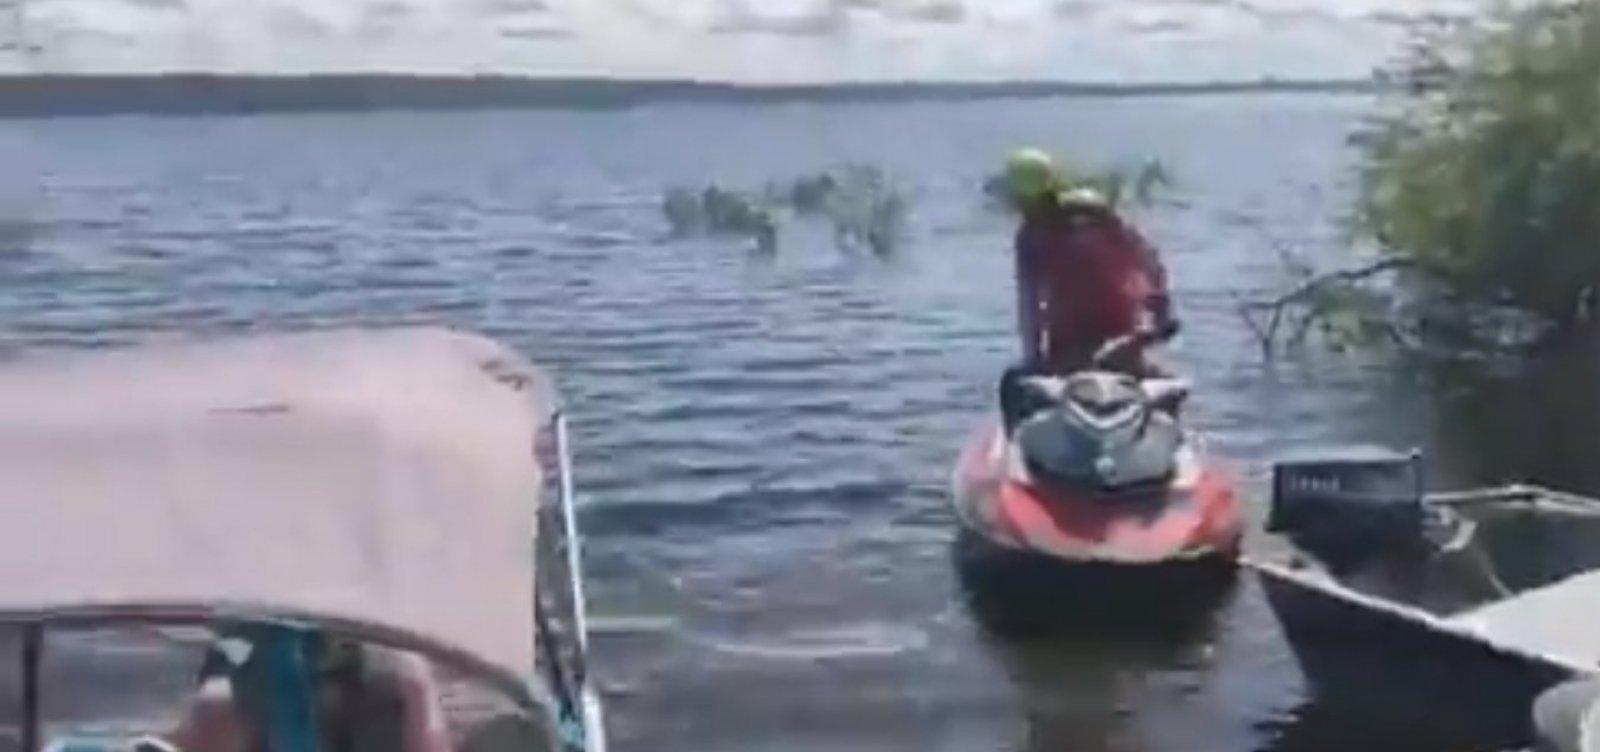 [Bombeiros encontram três corpos que podem ser de vítimas de naufrágio em Cabaceiras do Paraguaçu]